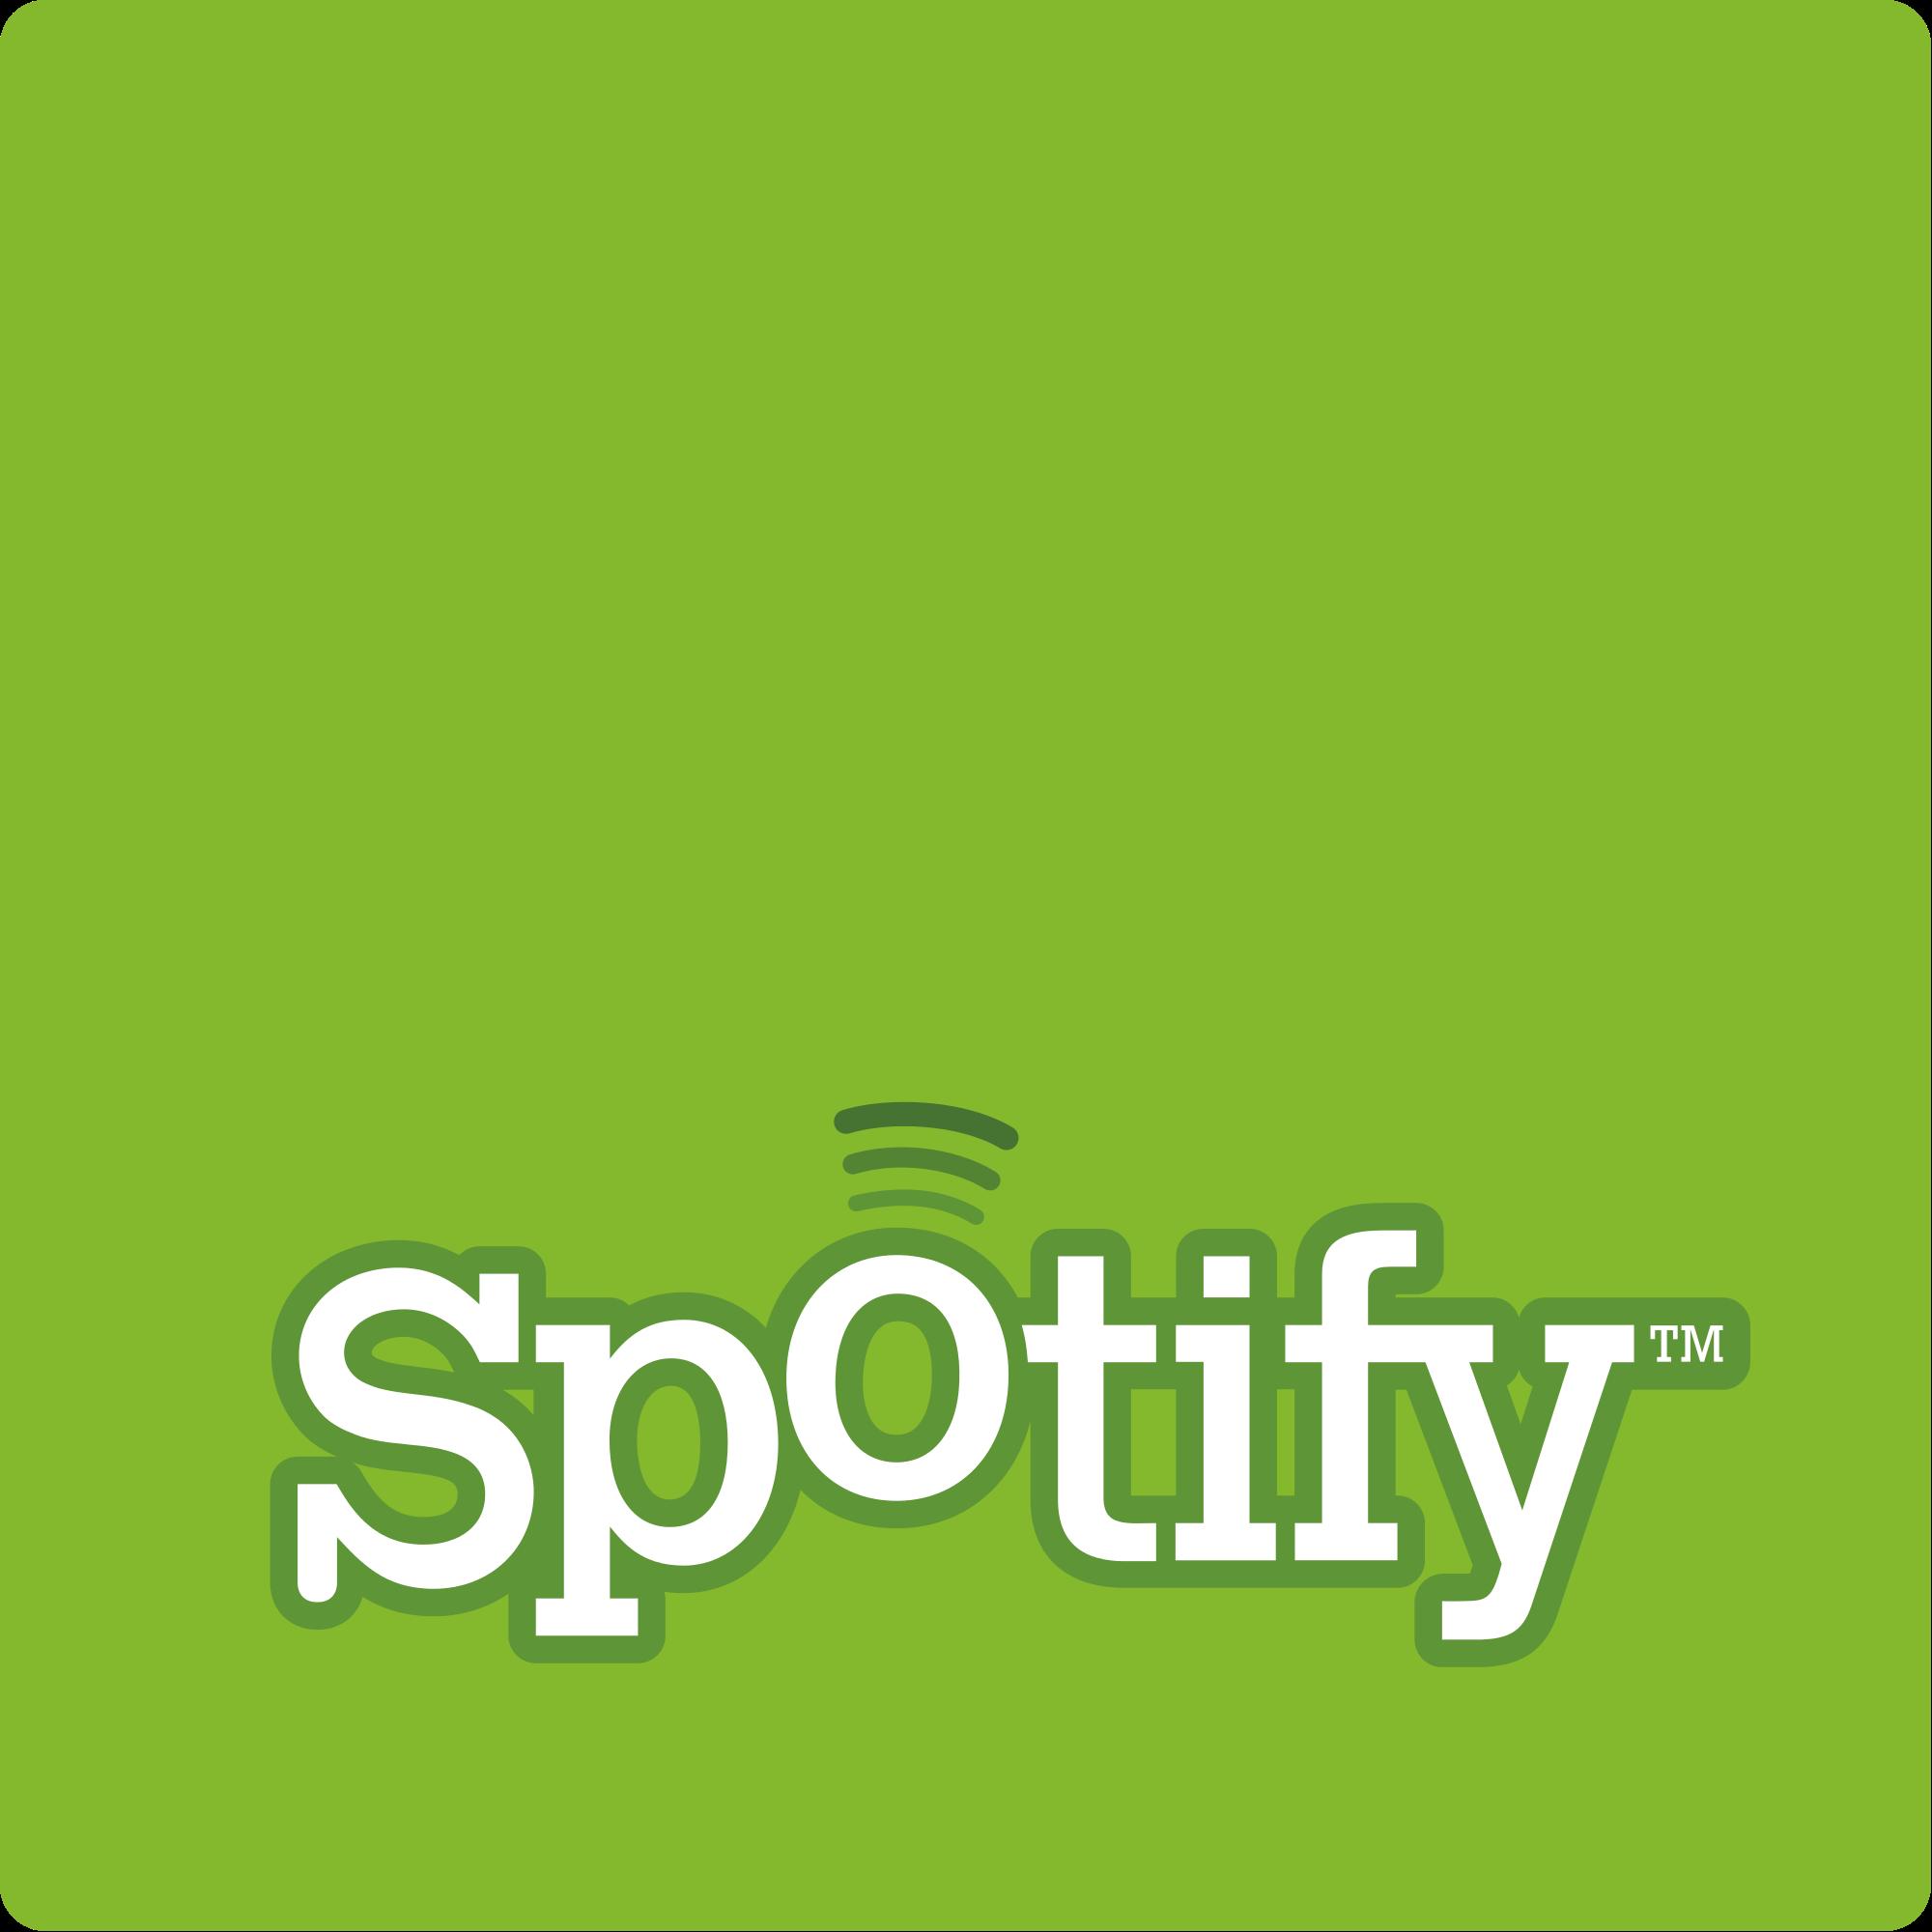 logo di Spotify